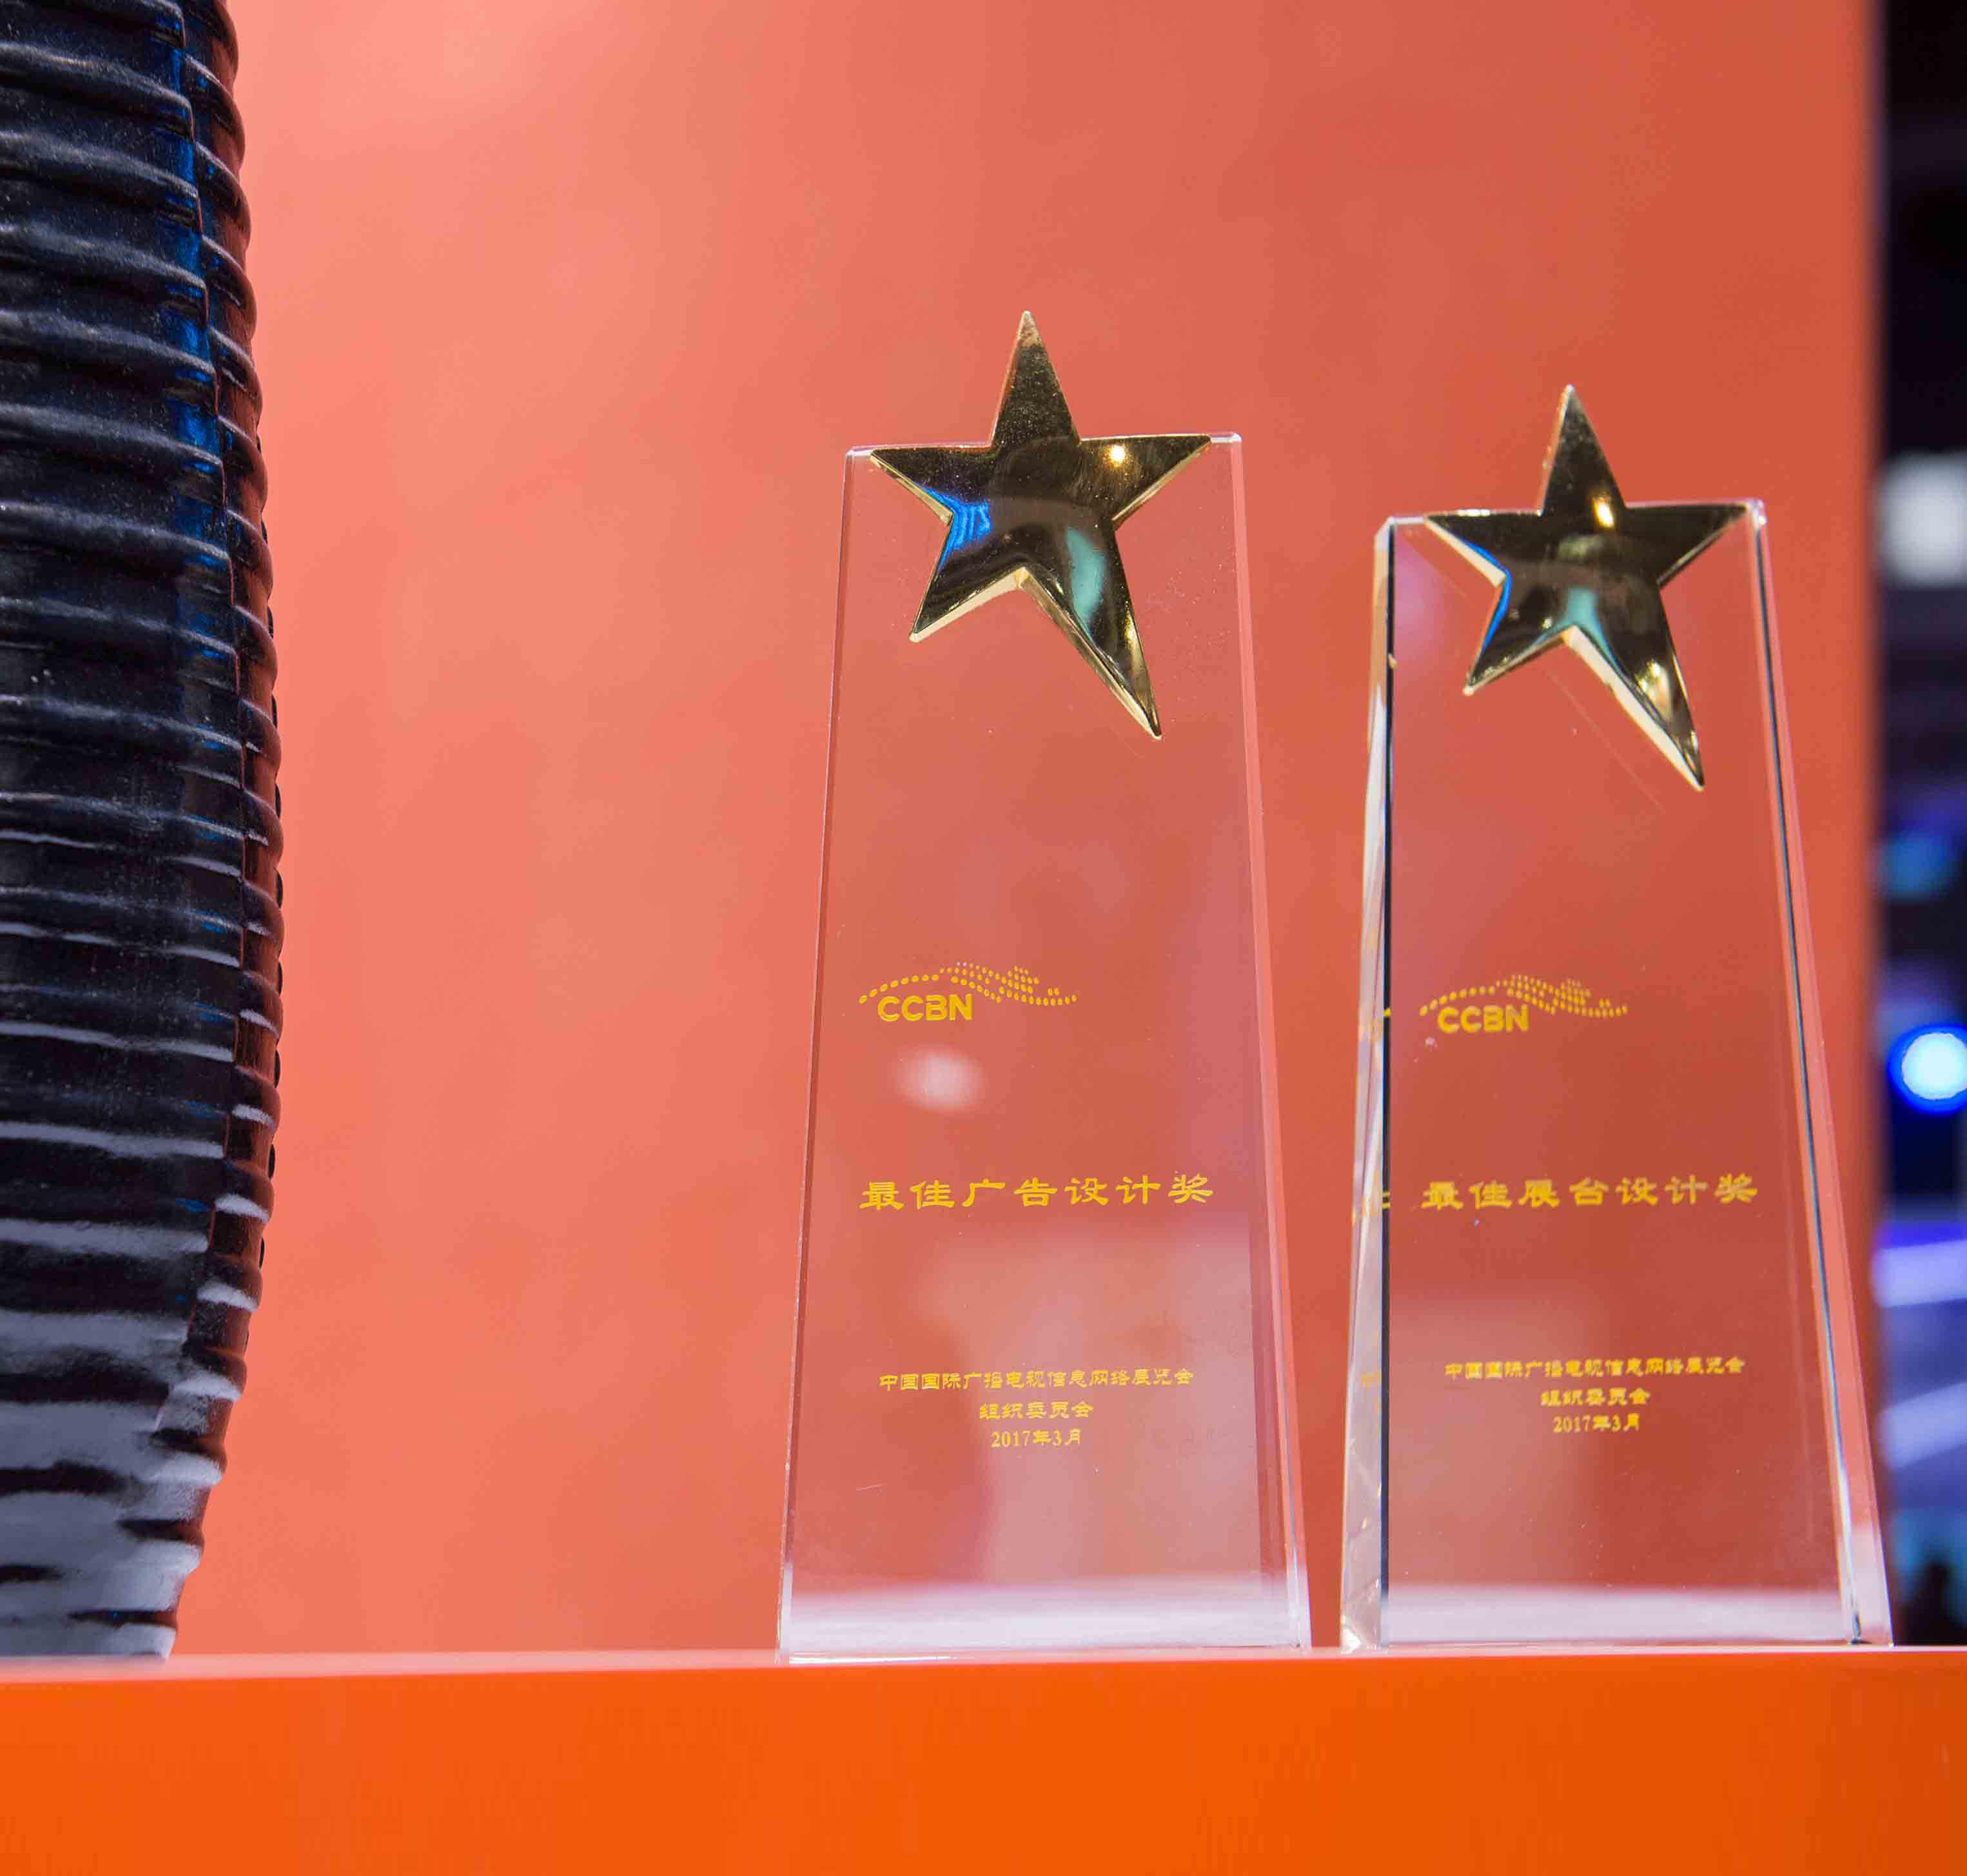 2017年第二十五届中国beplay体育官方下载广播电视信息网络展览会(CCBN)